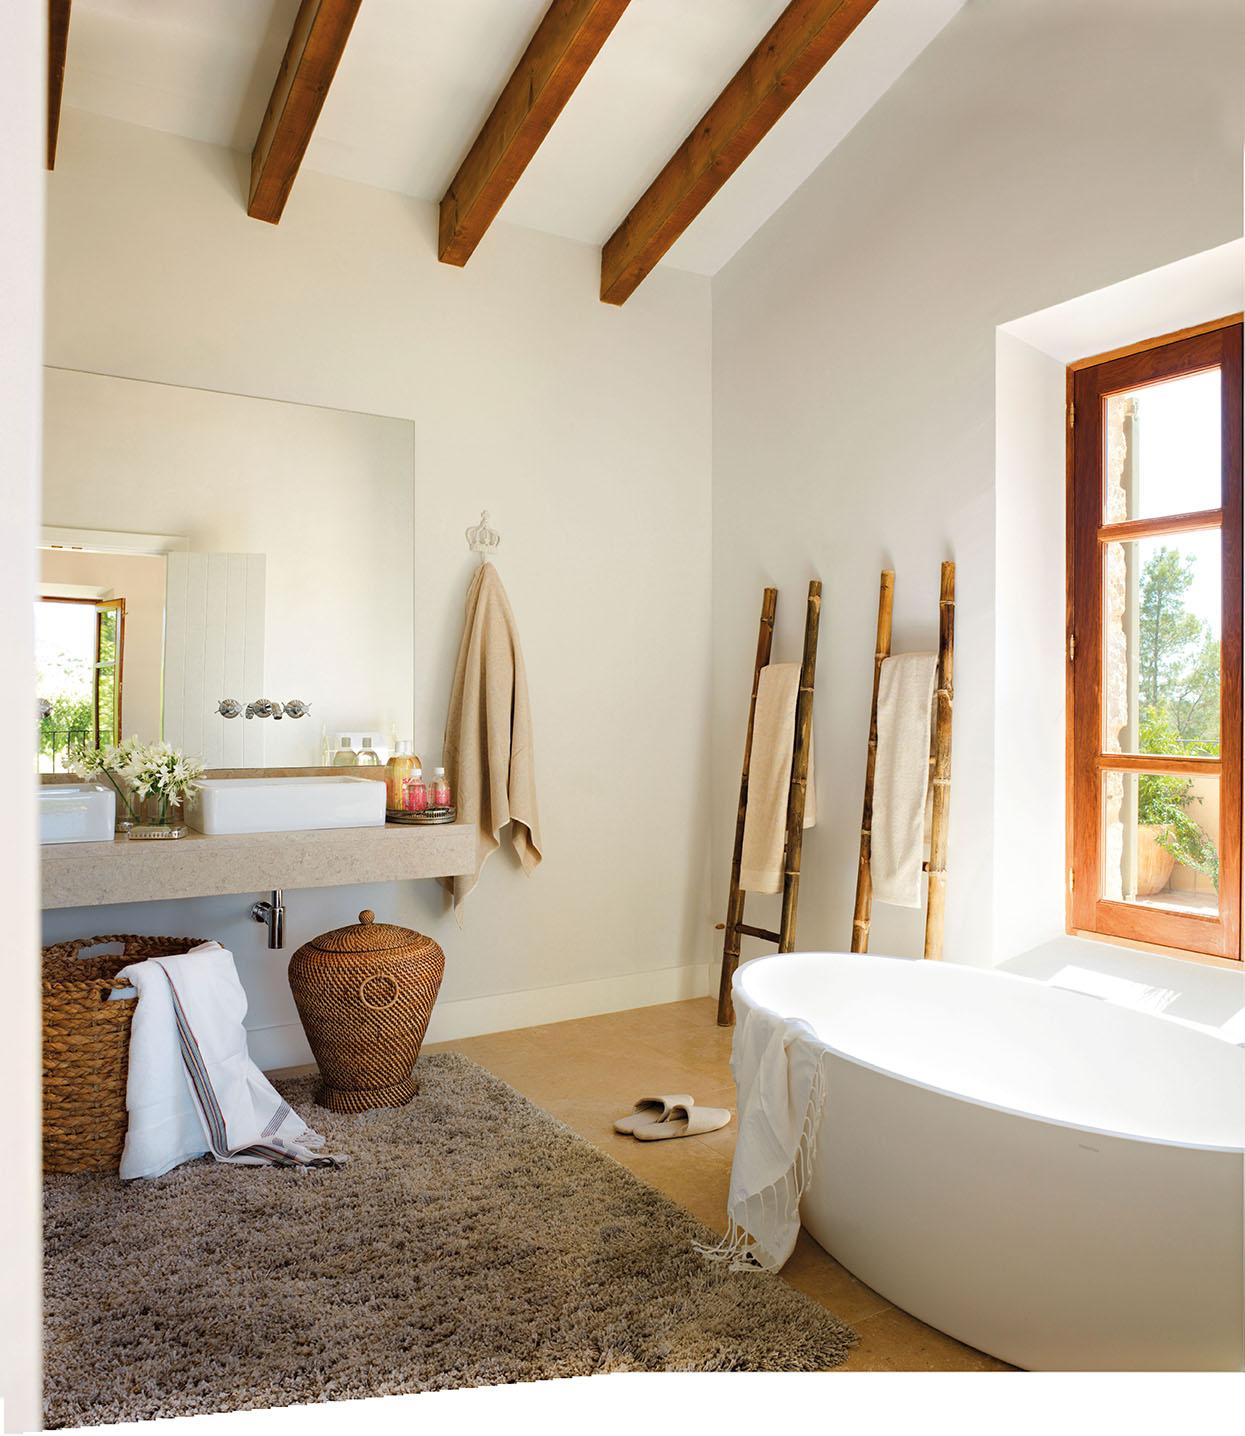 00323324. Baño con una encimera de piedra y dos lavamanos blancos_00323324